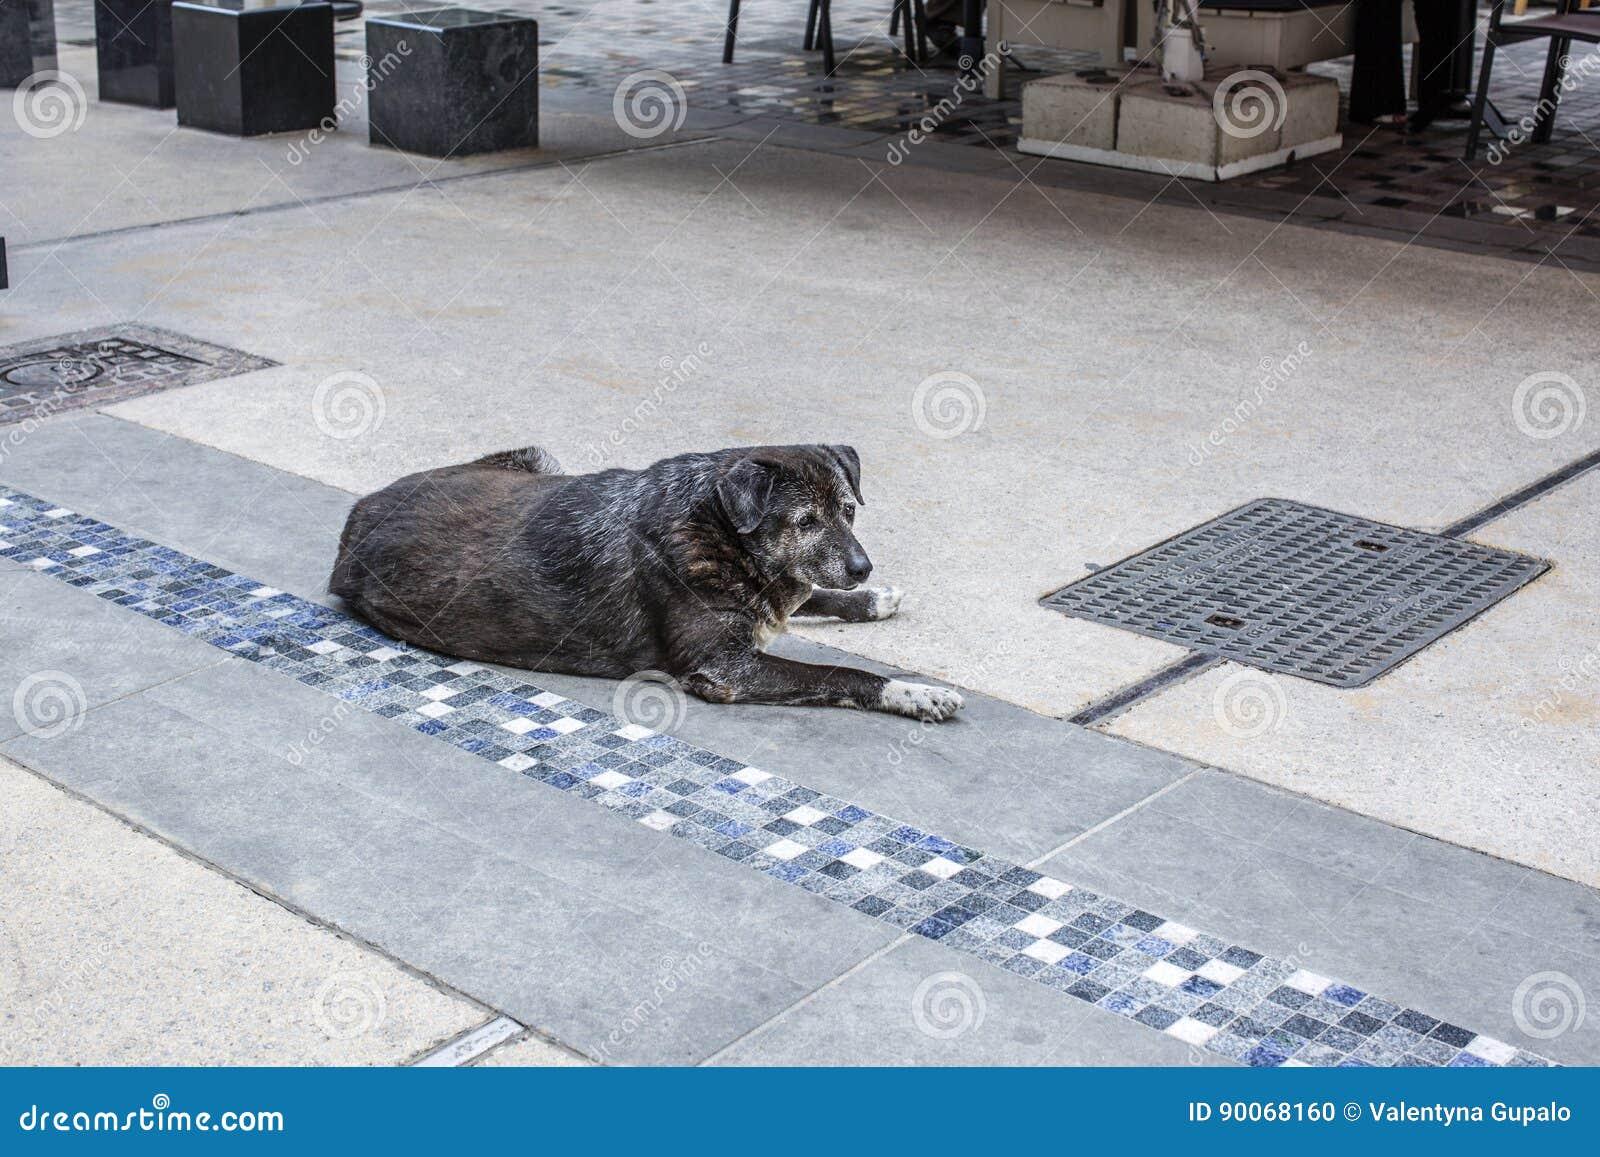 Ένα άστεγο λυπημένο γκρίζο αντιμέτωπο σκυλί βρίσκεται στην οδό Θεσσαλονίκης